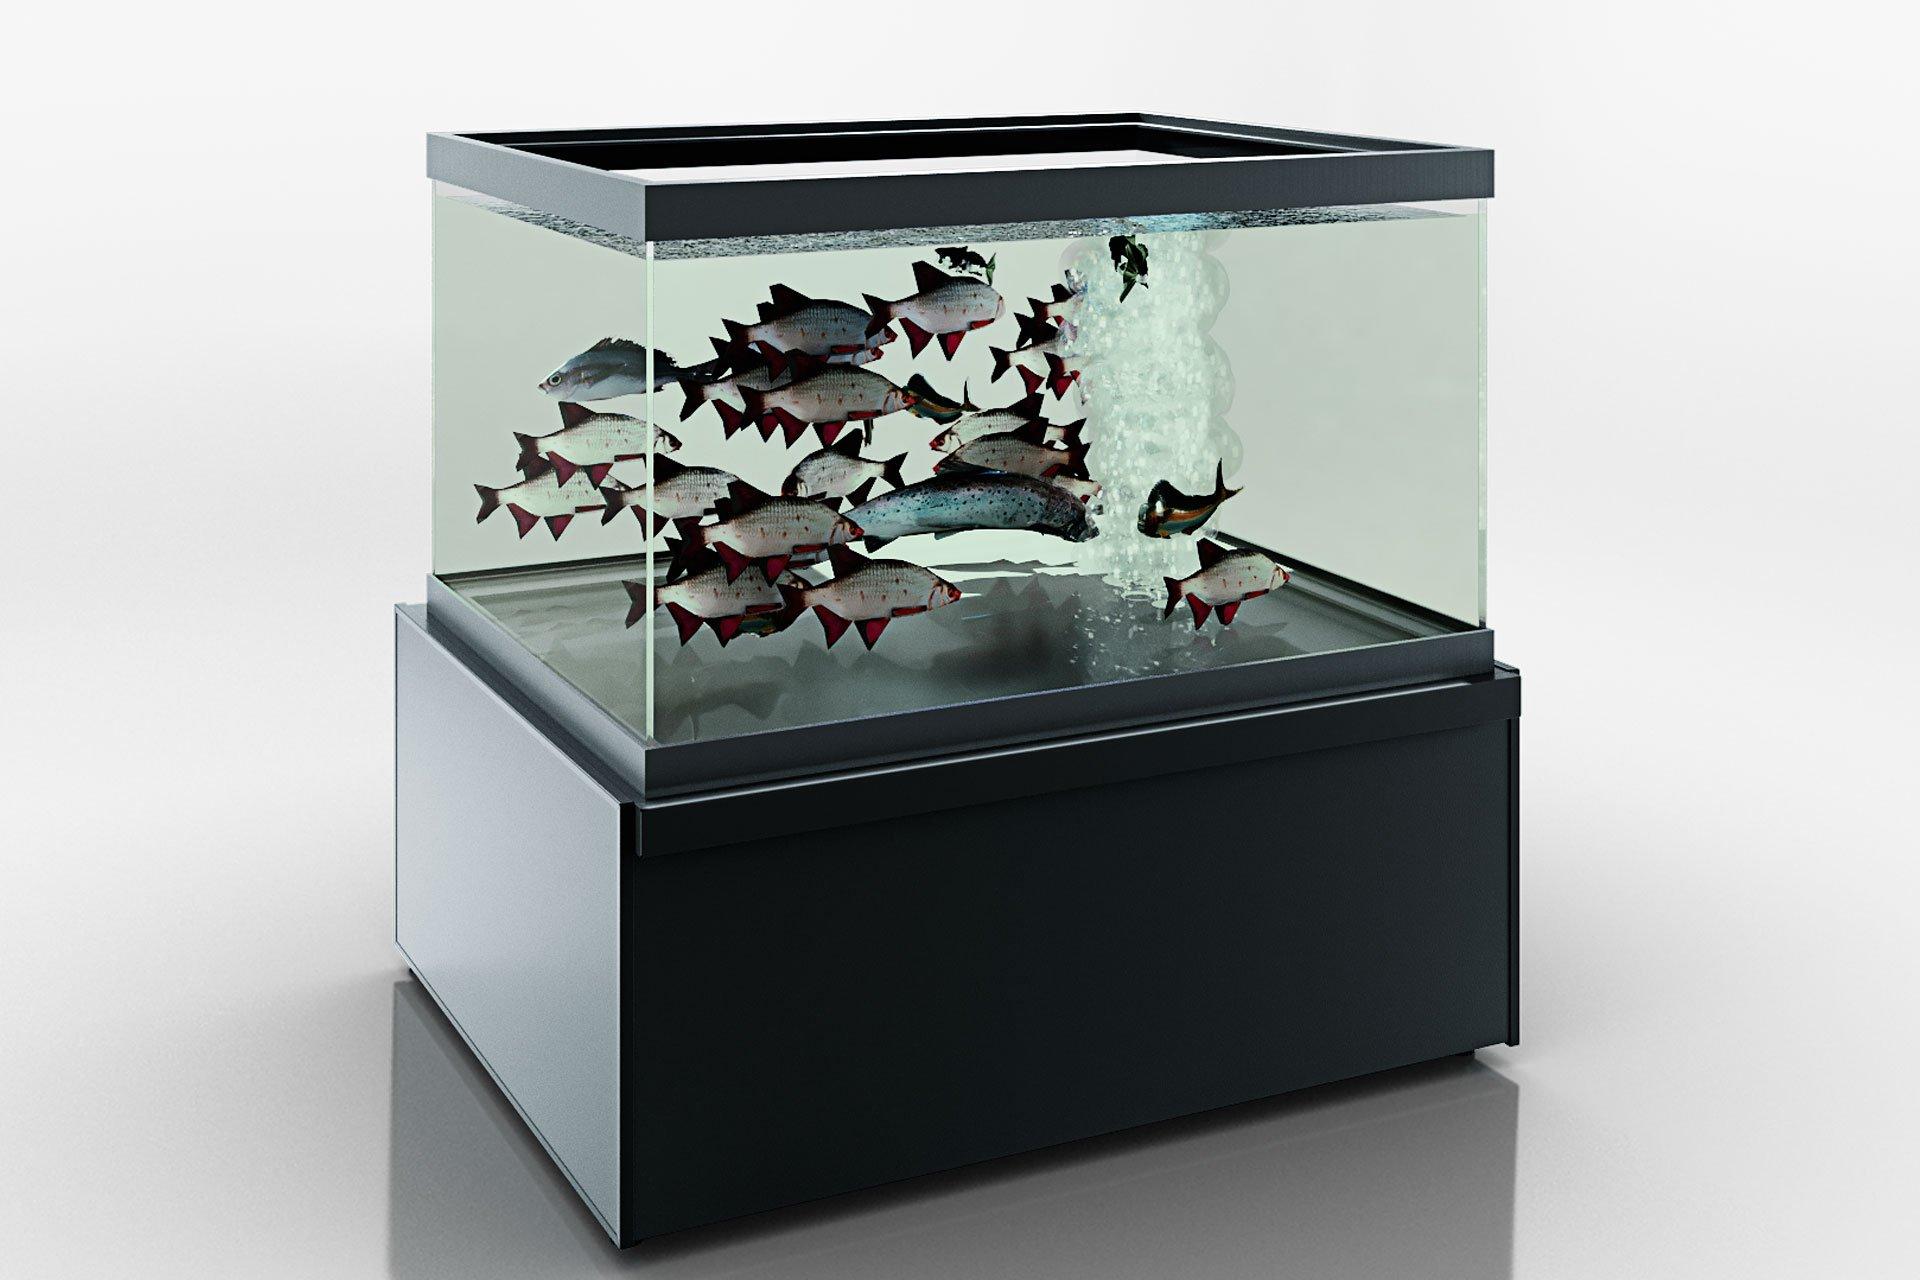 Missouri NС 120 aquarium 060